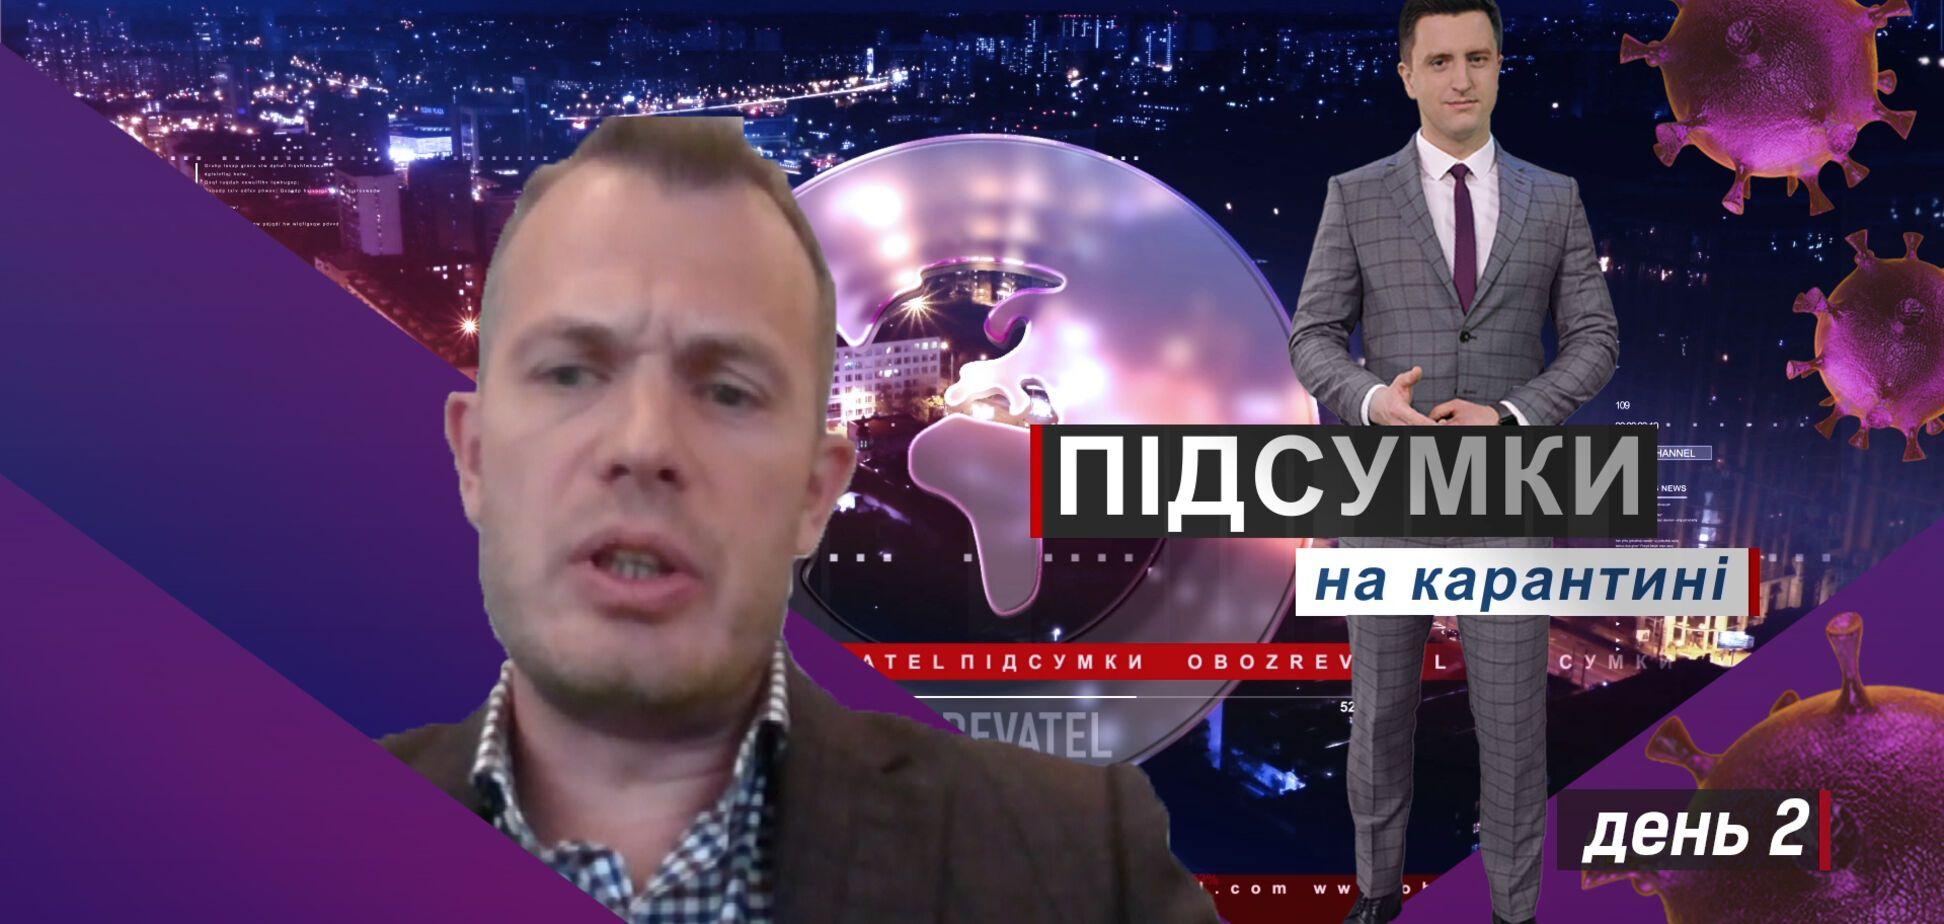 Бизнесмен спрогнозировал массовые увольнения из-за карантина в Украине